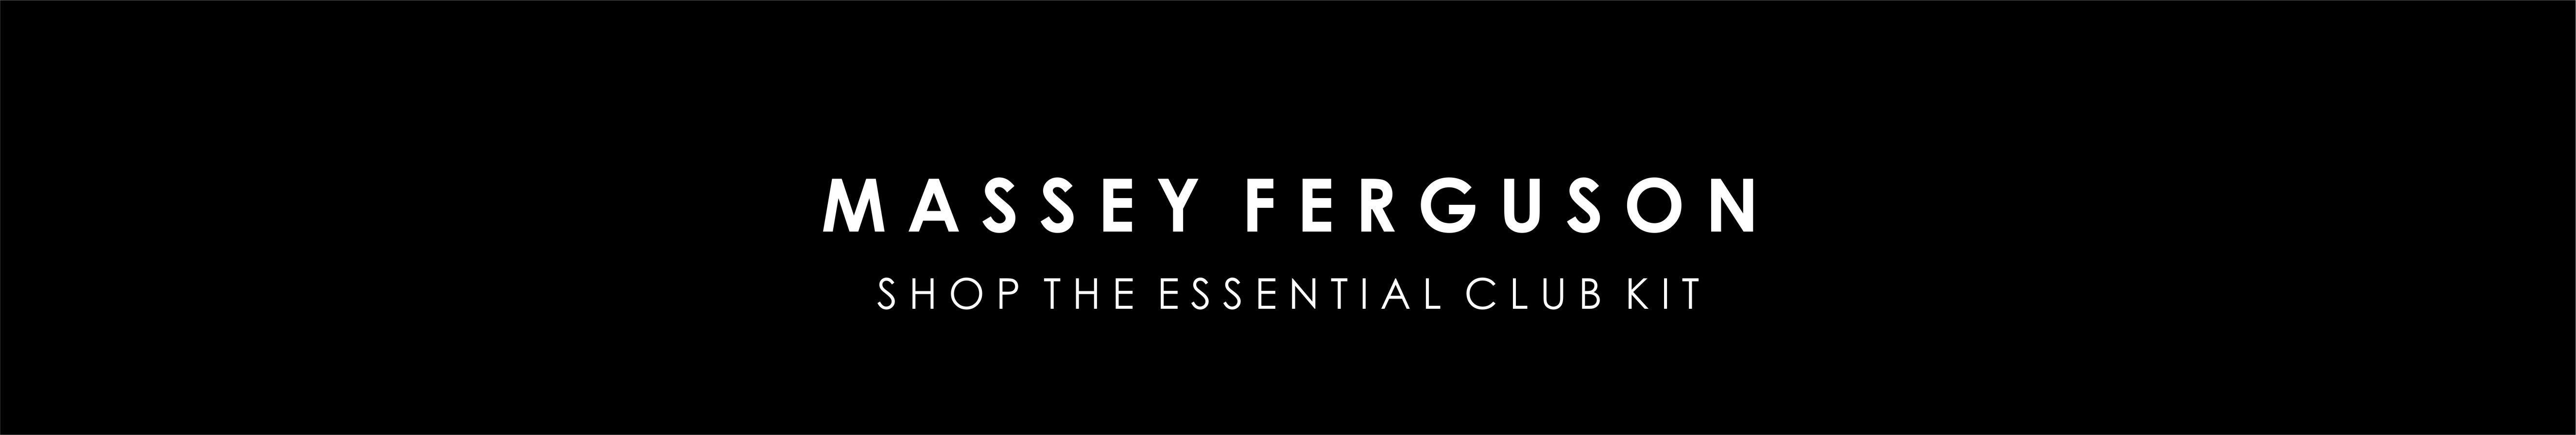 massey-ferguson-banner.jpg